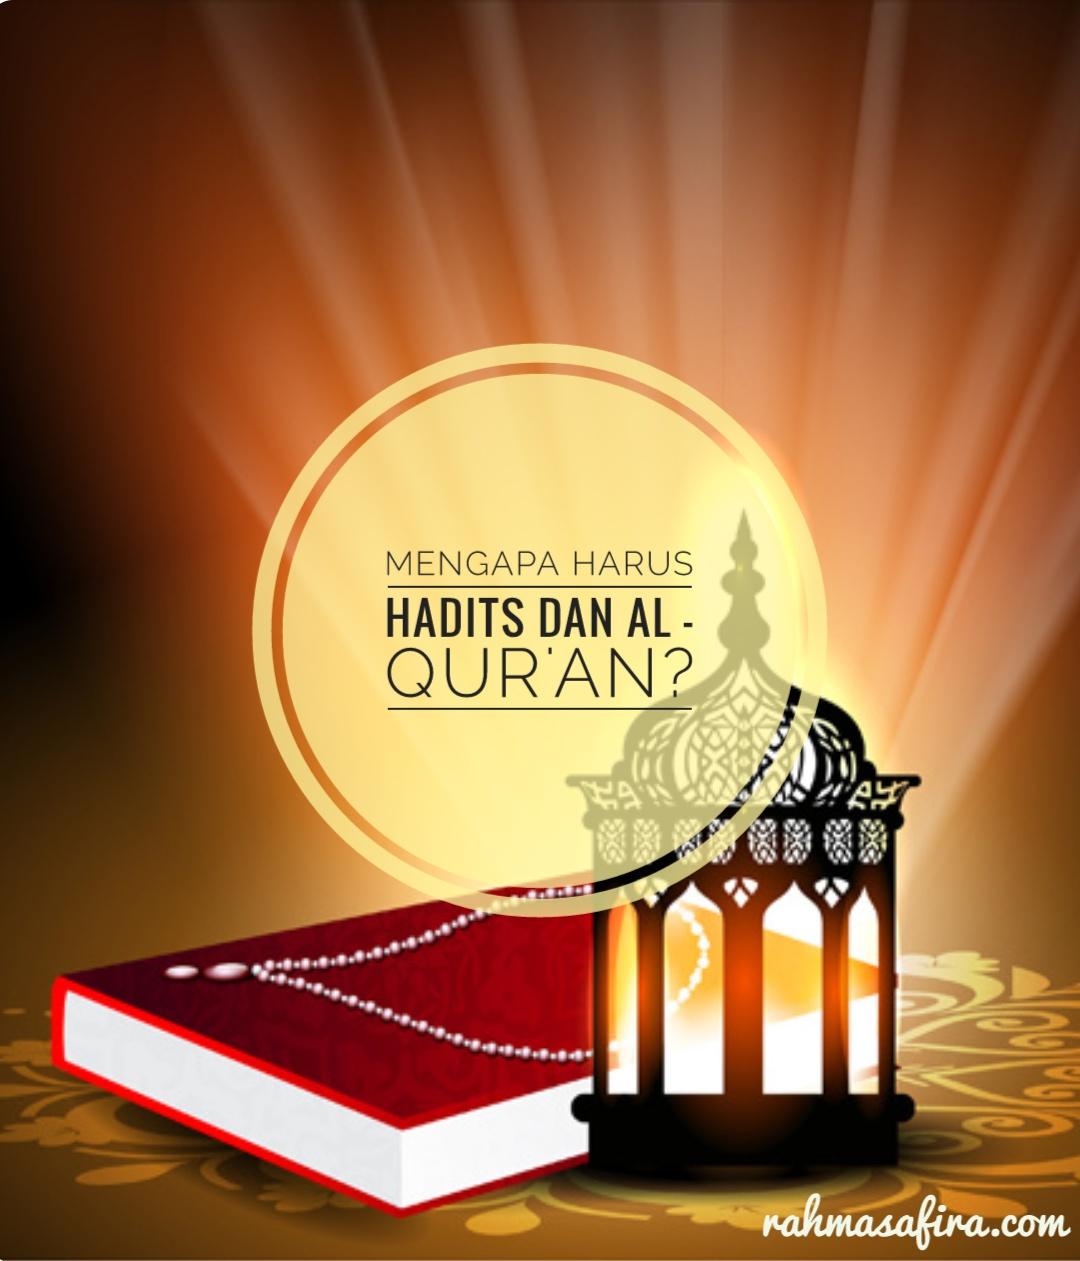 Mengapa harus Al Qur'an dan Hadits?